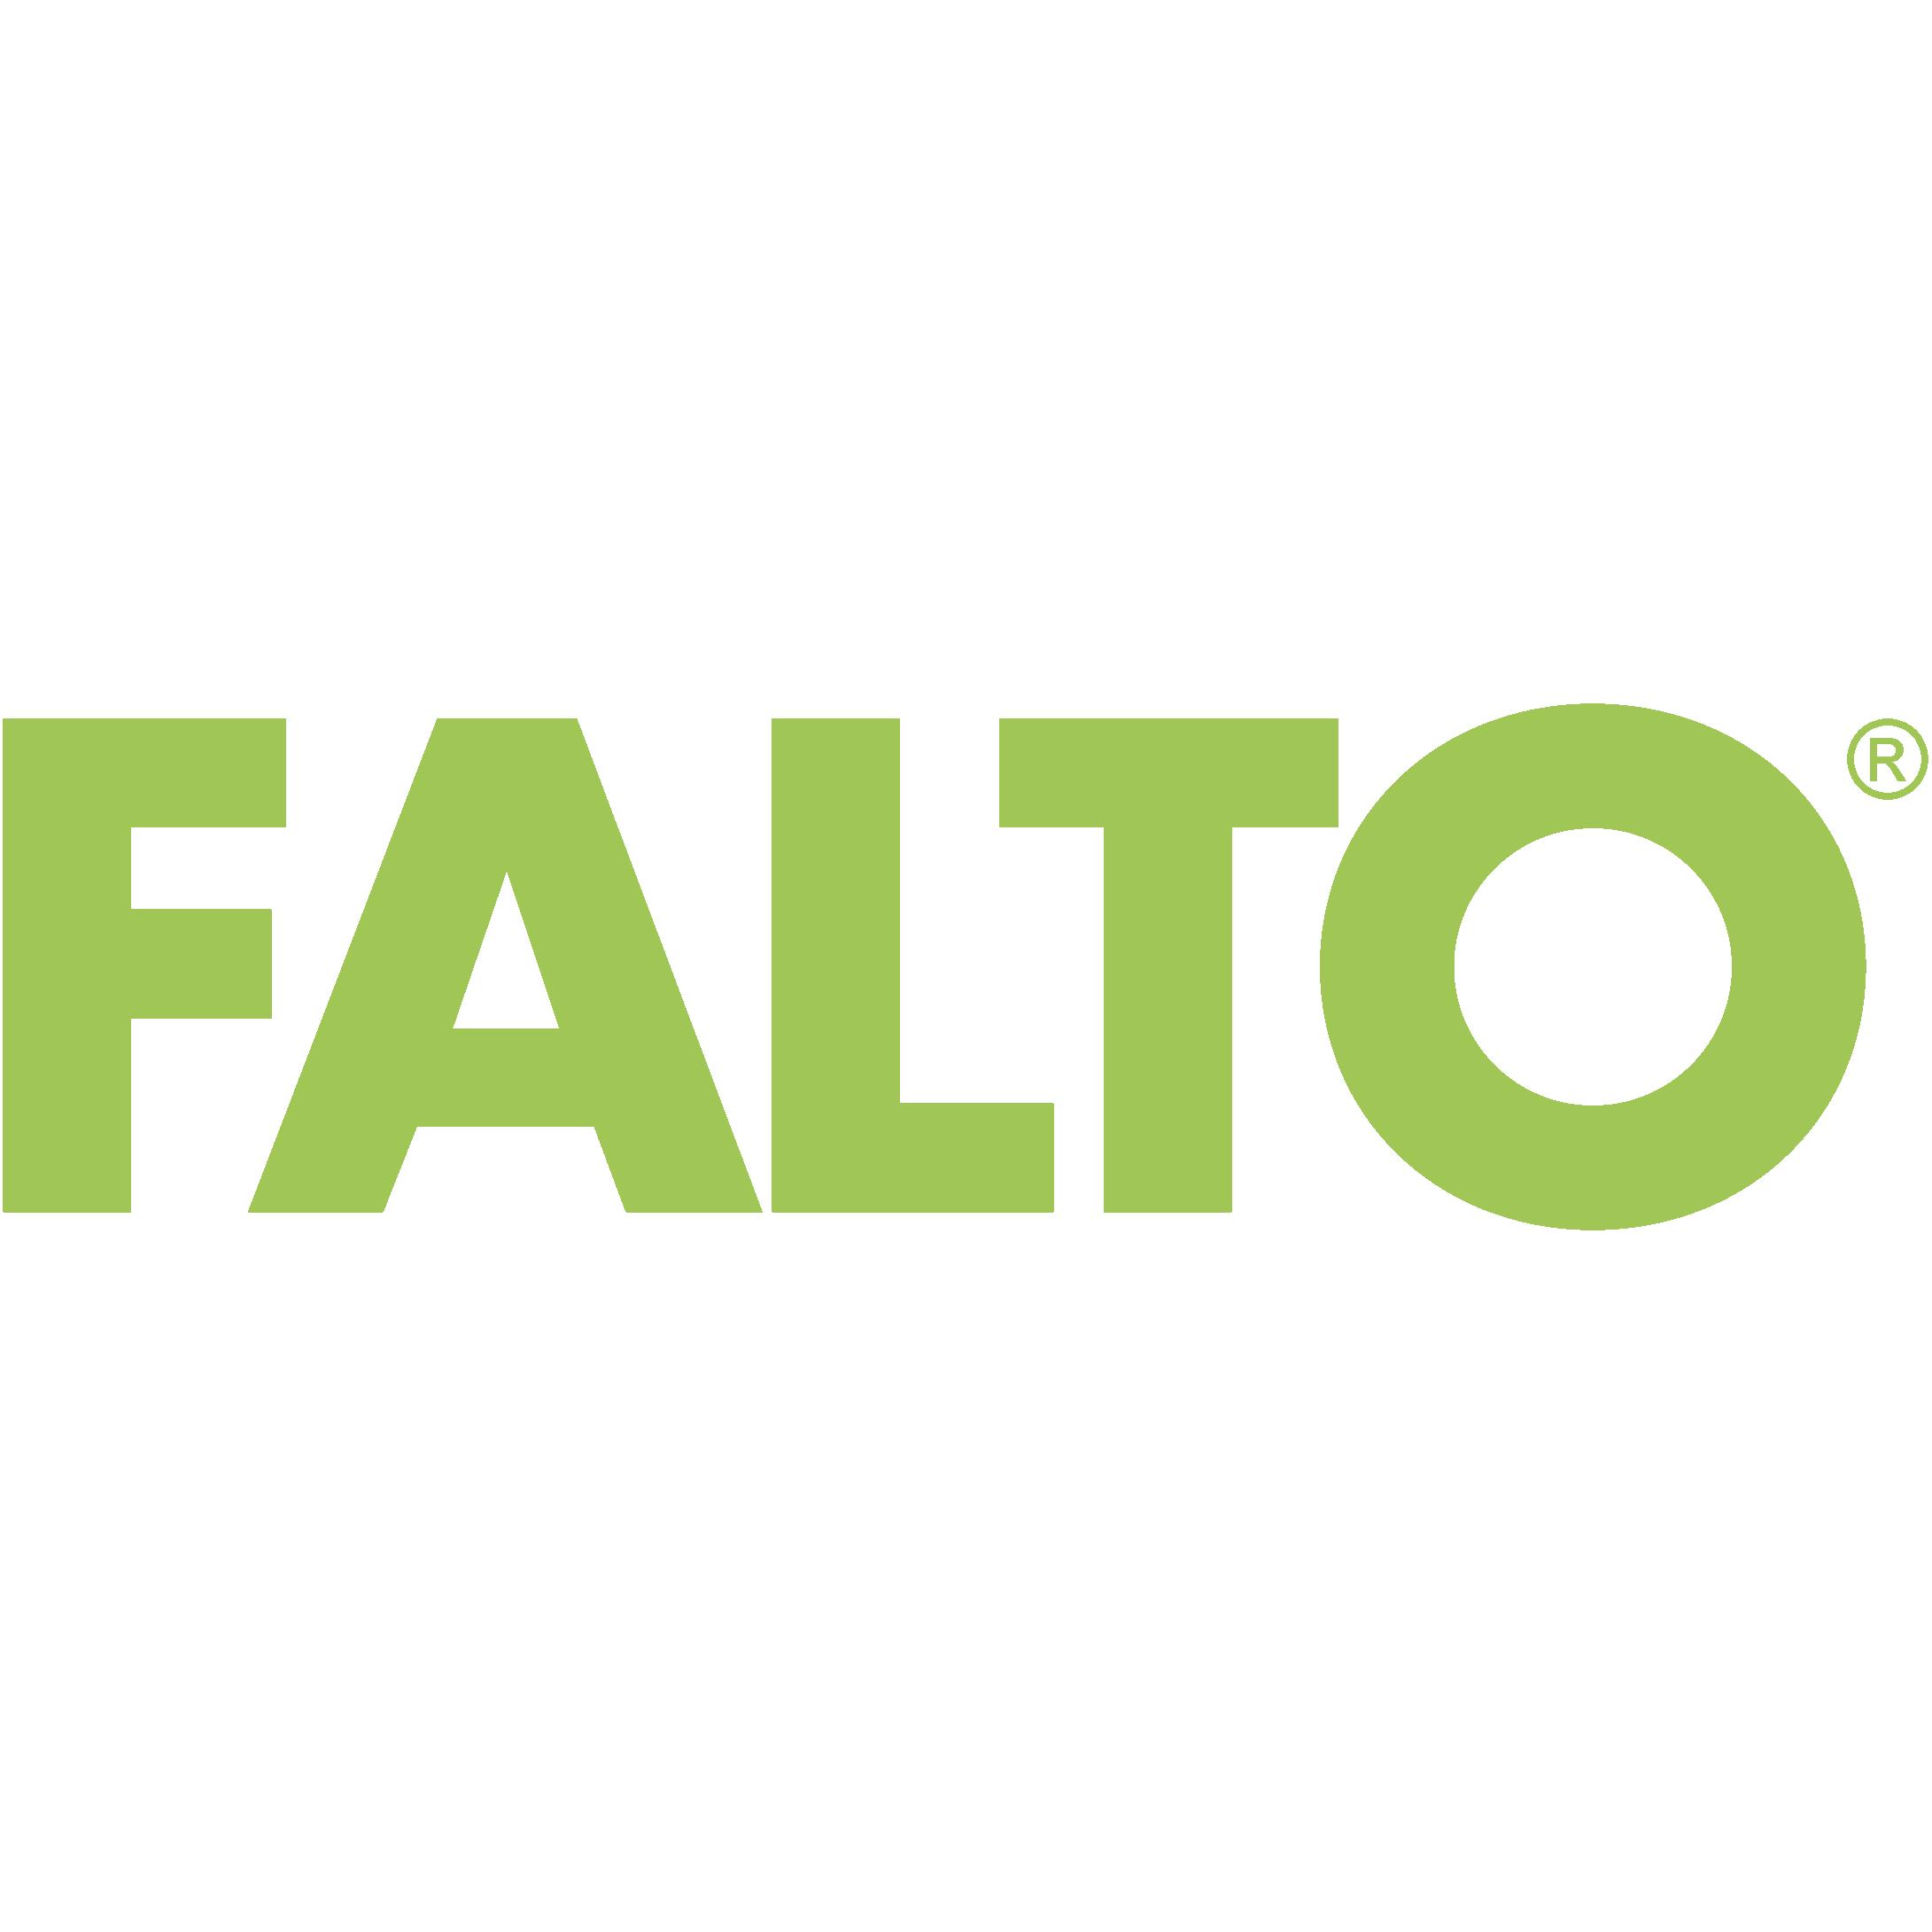 FALTO Sanaform